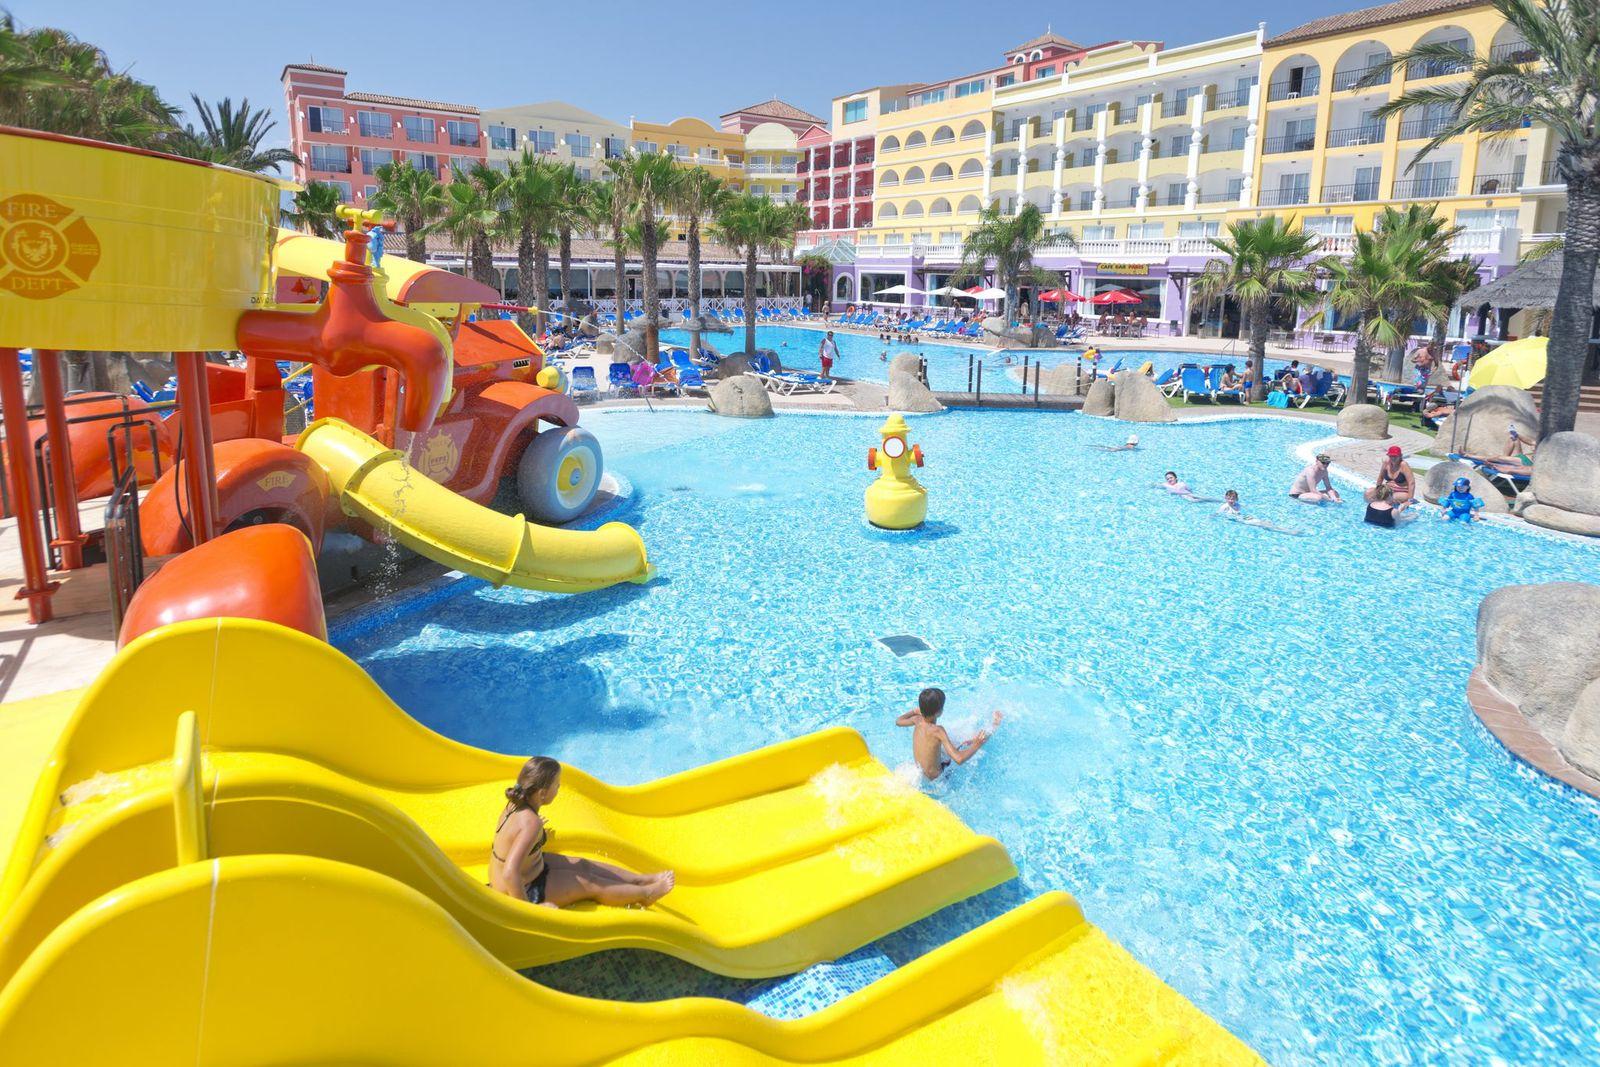 Hoteles para ni os hoteles para ir con ni os de for Hoteles familiares mediterraneo